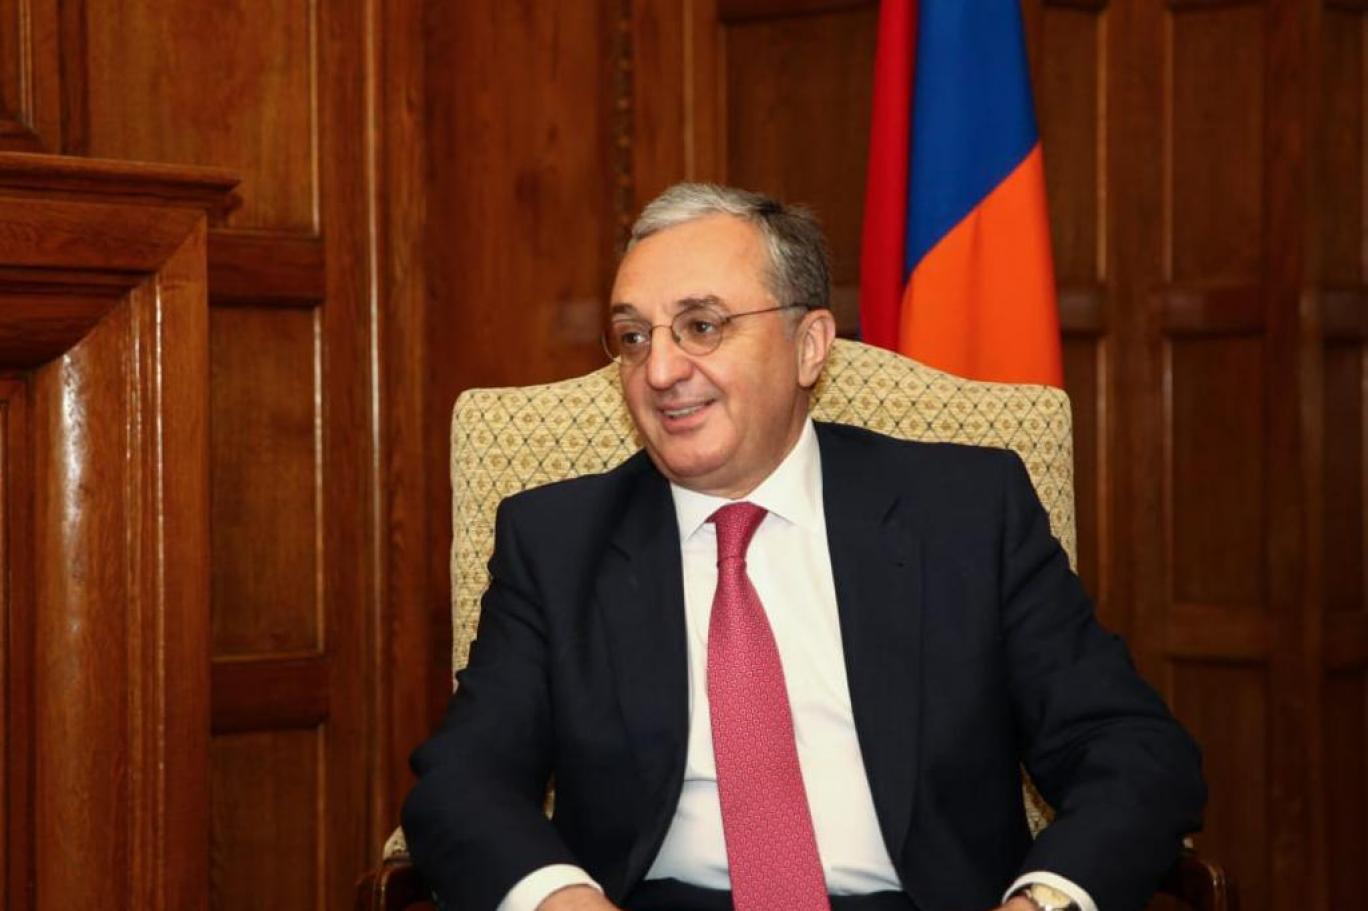 وزير خارجية أرمينيا : تعزيز آليات وقف إطلاق النار أهم مهمة لاتفاقات موسكو